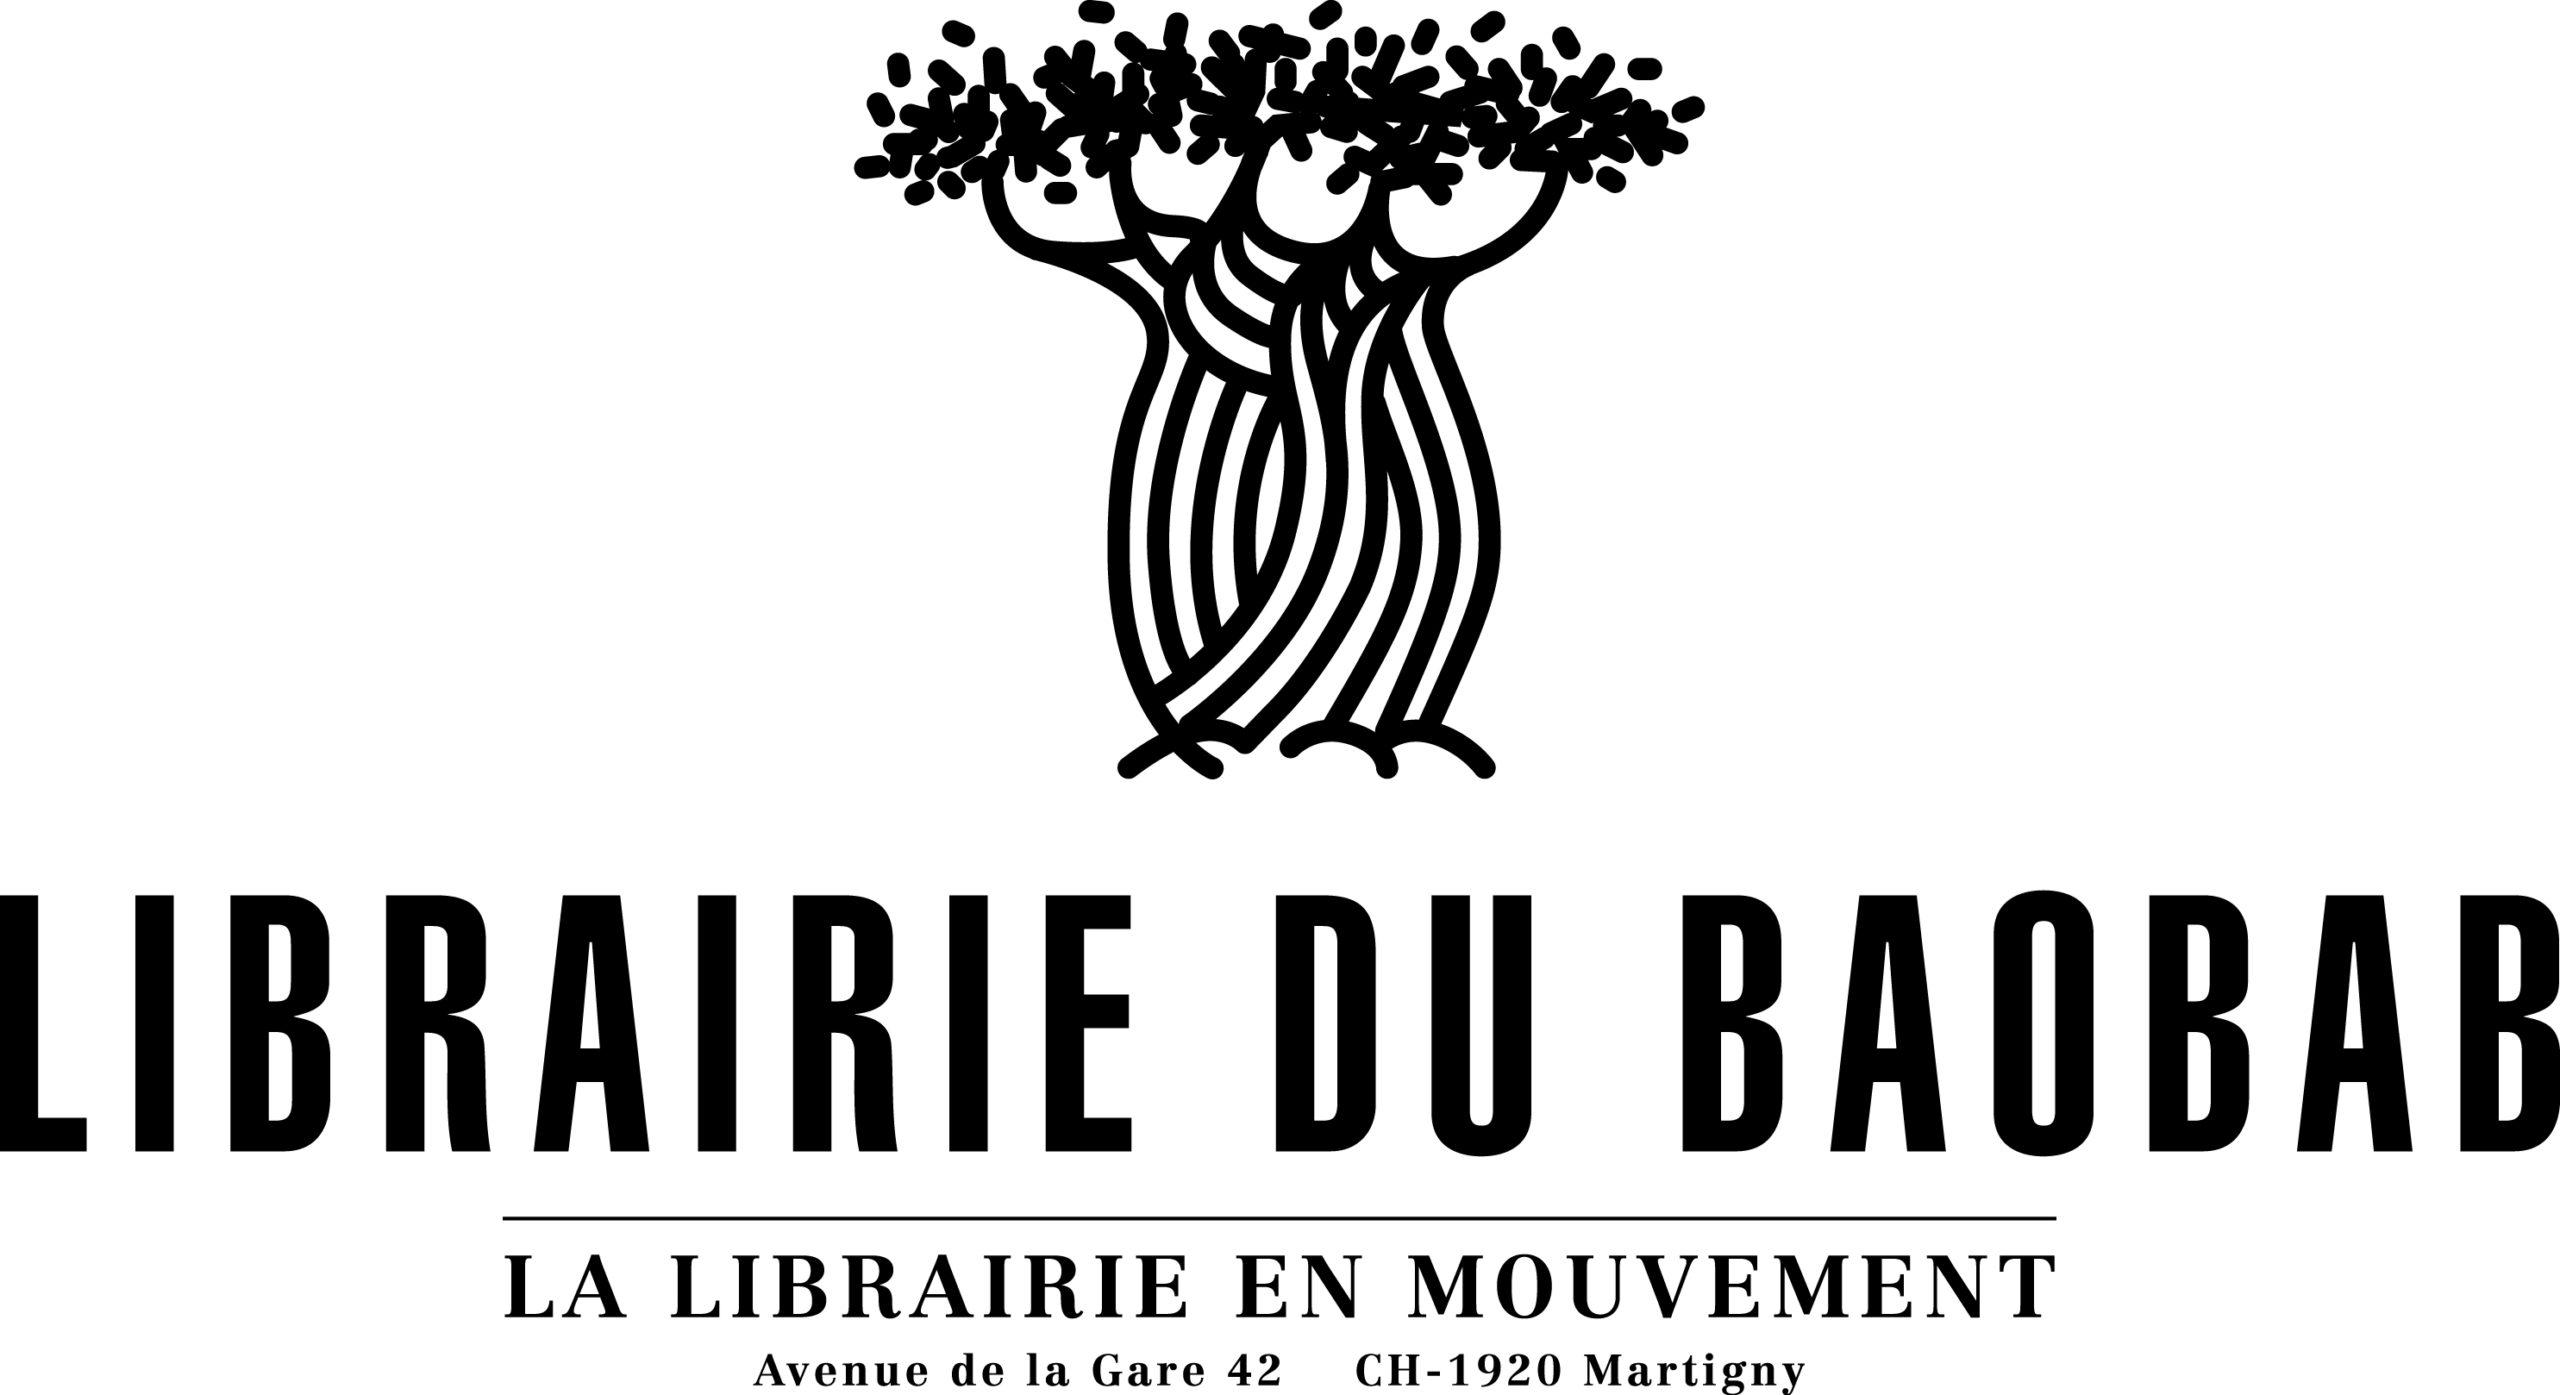 Librairie du Baobab